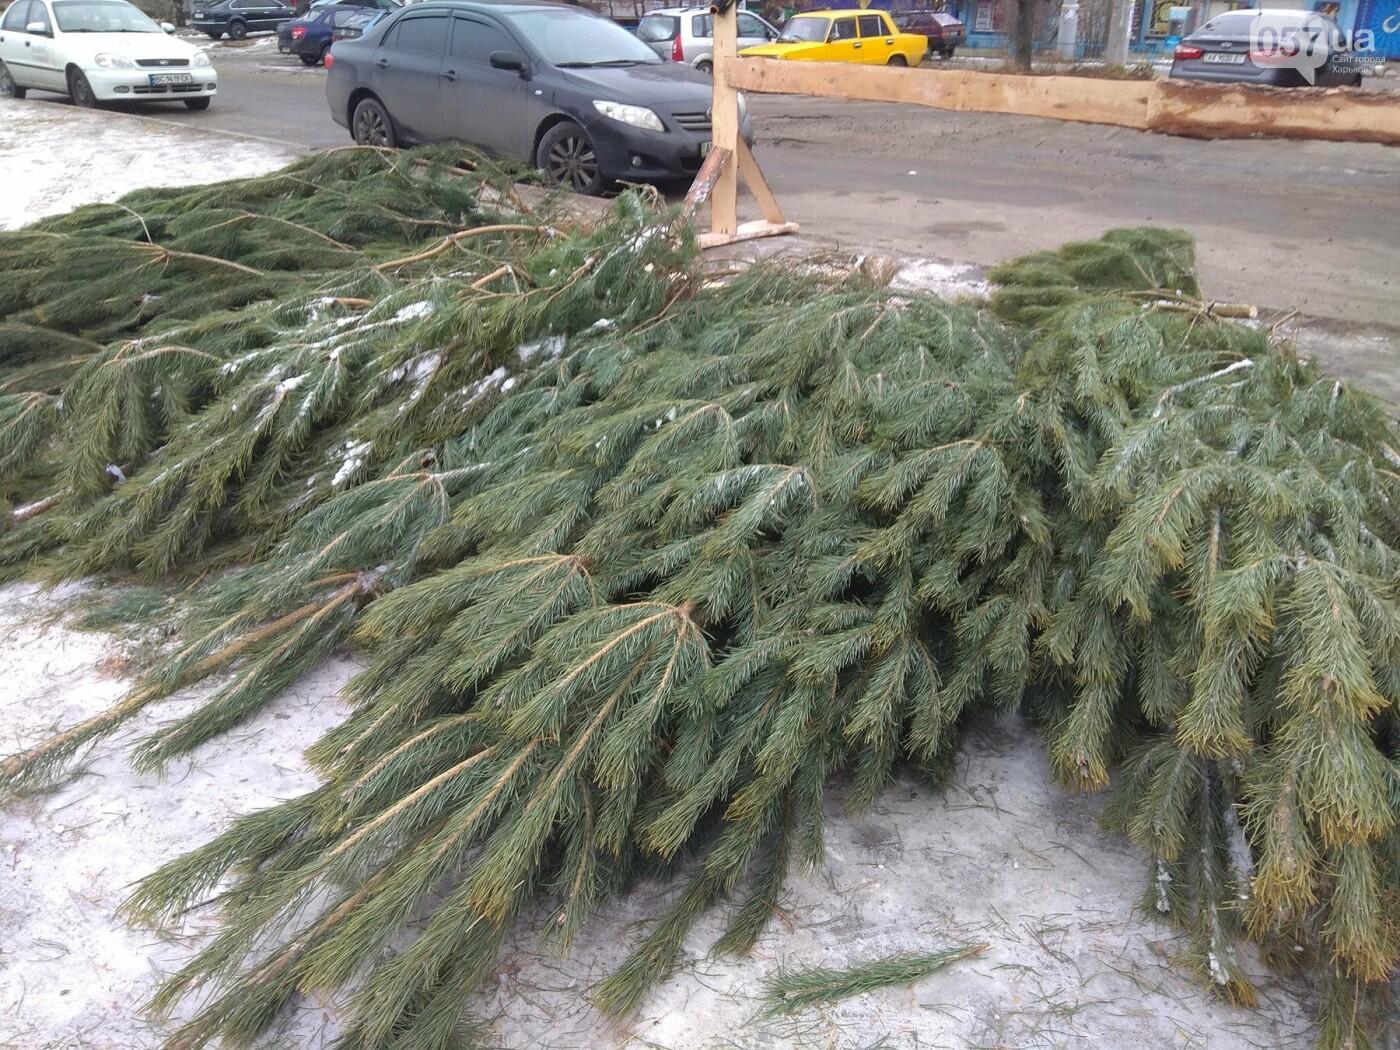 Новогодние елки в Харькове. Где и за сколько можно купить, - ФОТО, фото-16